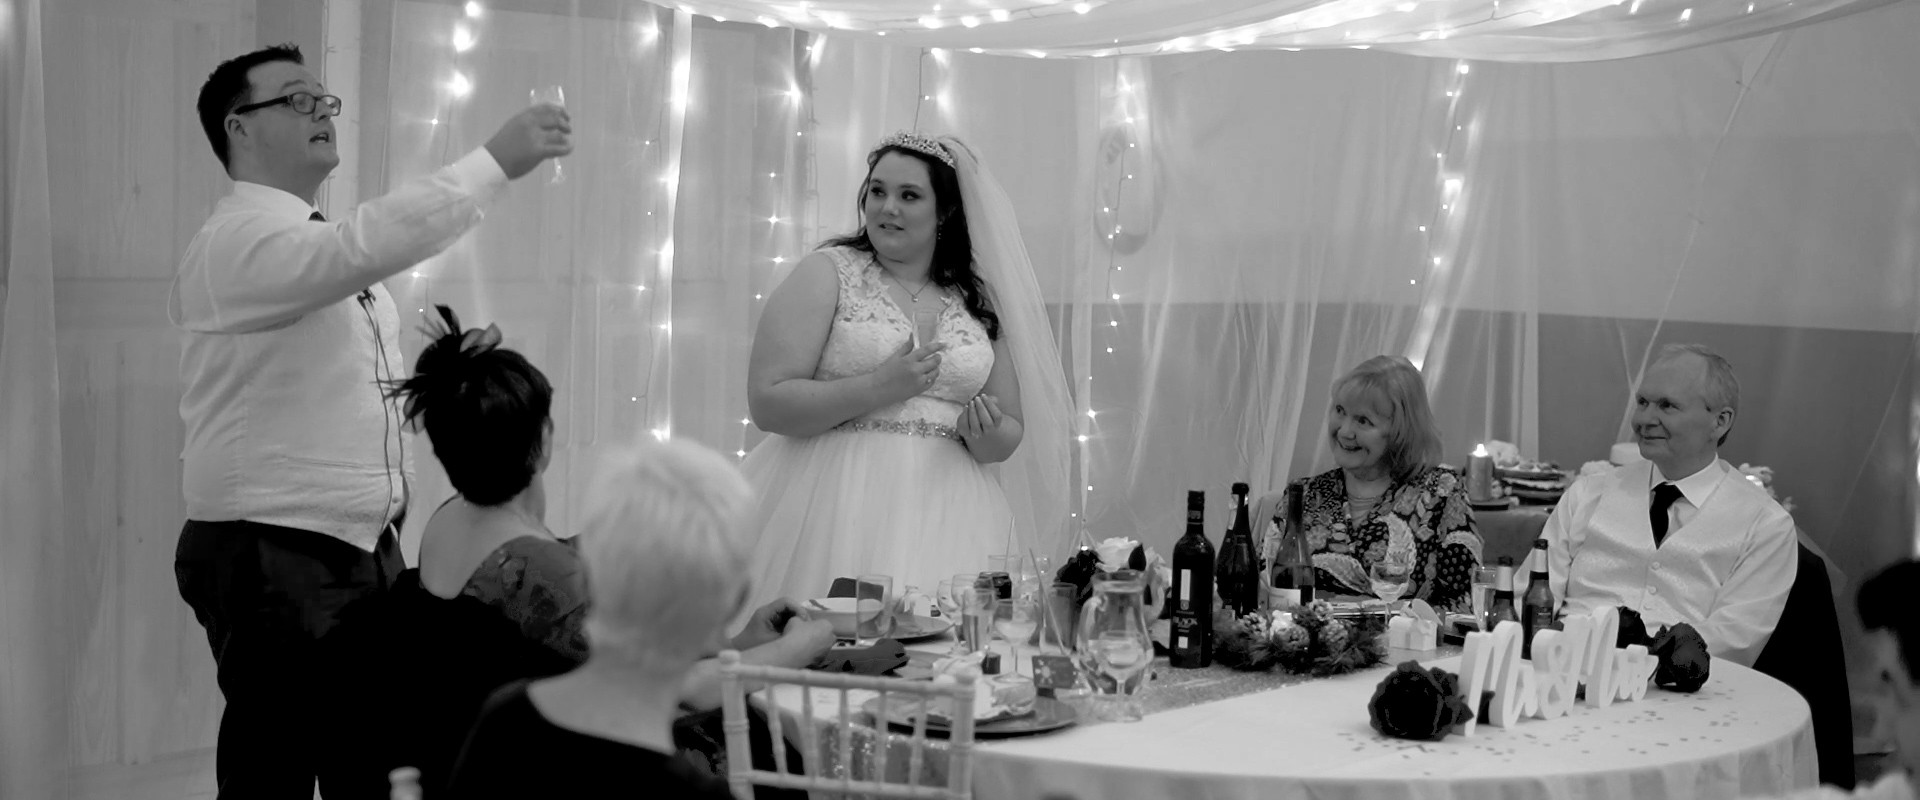 Wedding-ShortFilm-BW.00_05_51_06.Still05